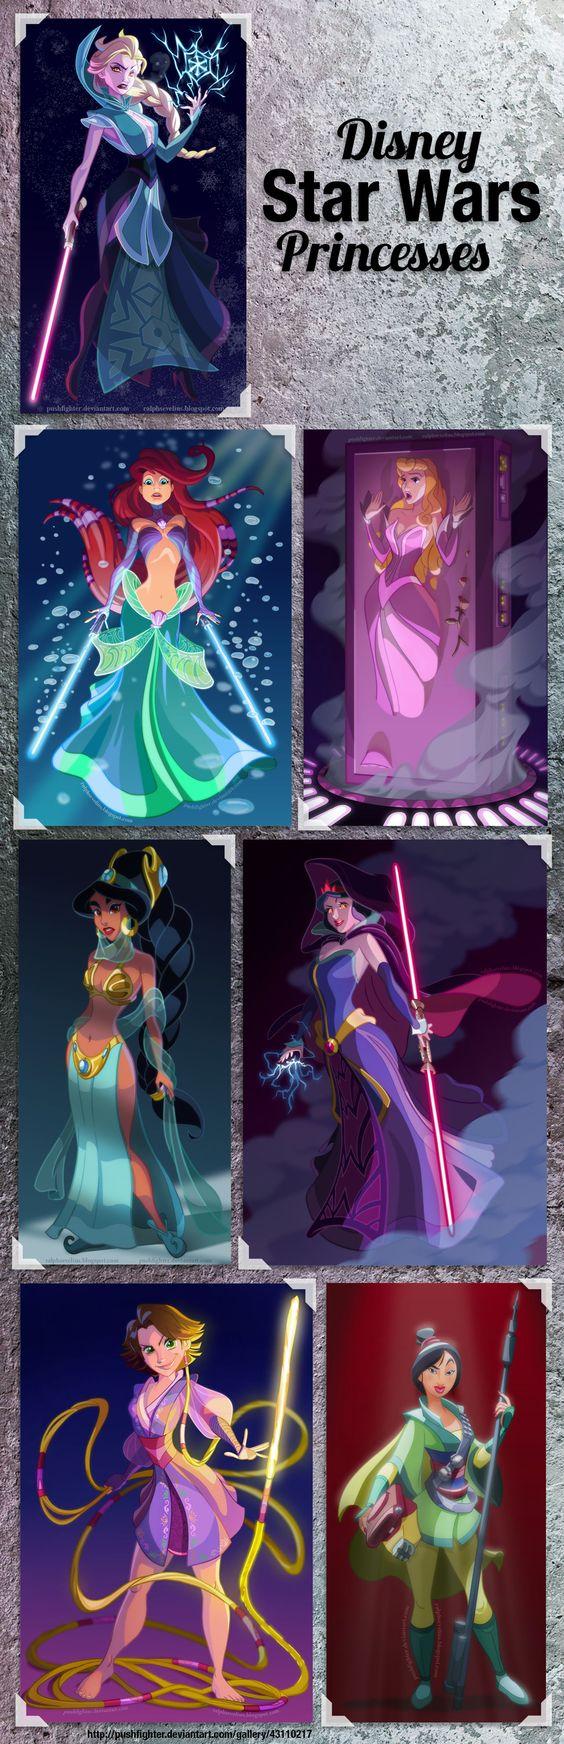 [Disney Star Wars Princesses] - artwork from http://pushfighter.deviantart.com/gallery/43110217